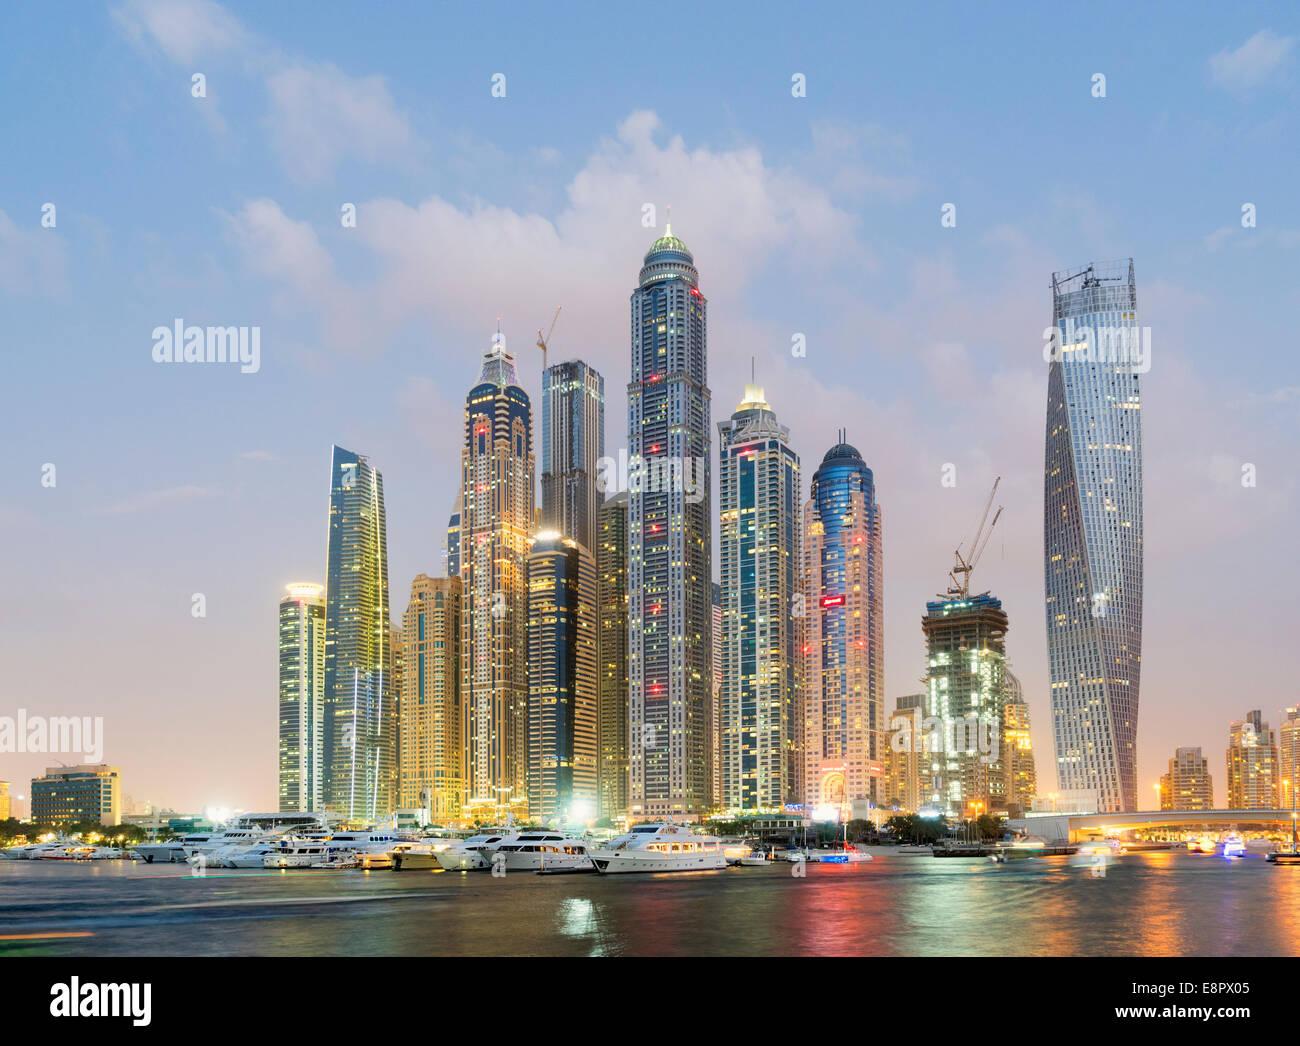 Skyline al tramonto di grattacieli in Marina District in Dubai Emirati Arabi Uniti Immagini Stock